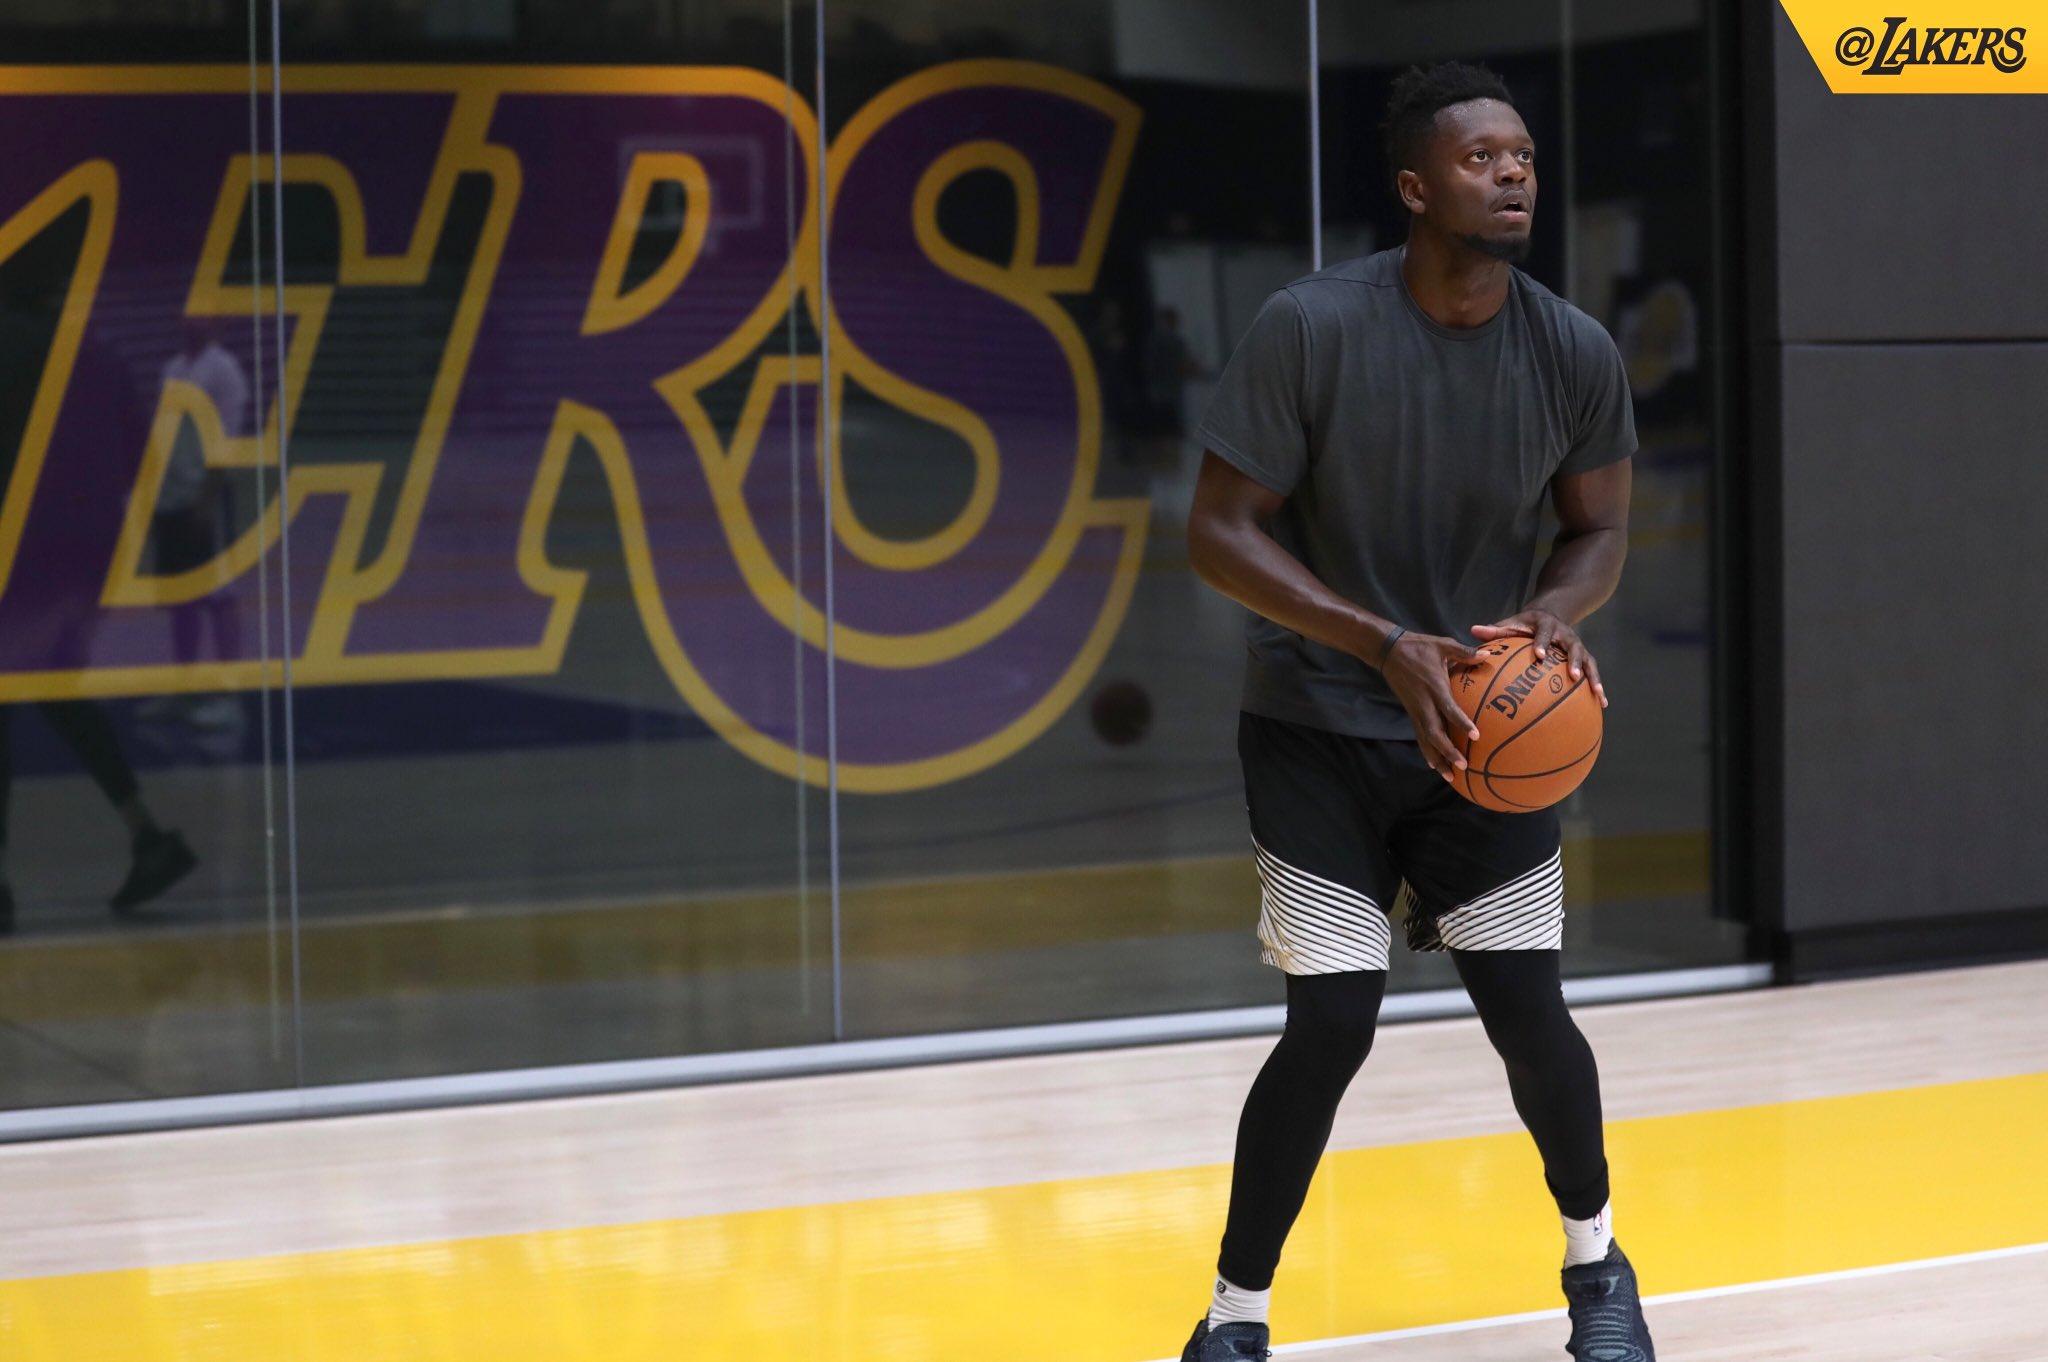 Always locked in. #LakersWork https://t.co/81XkJ6a5dy